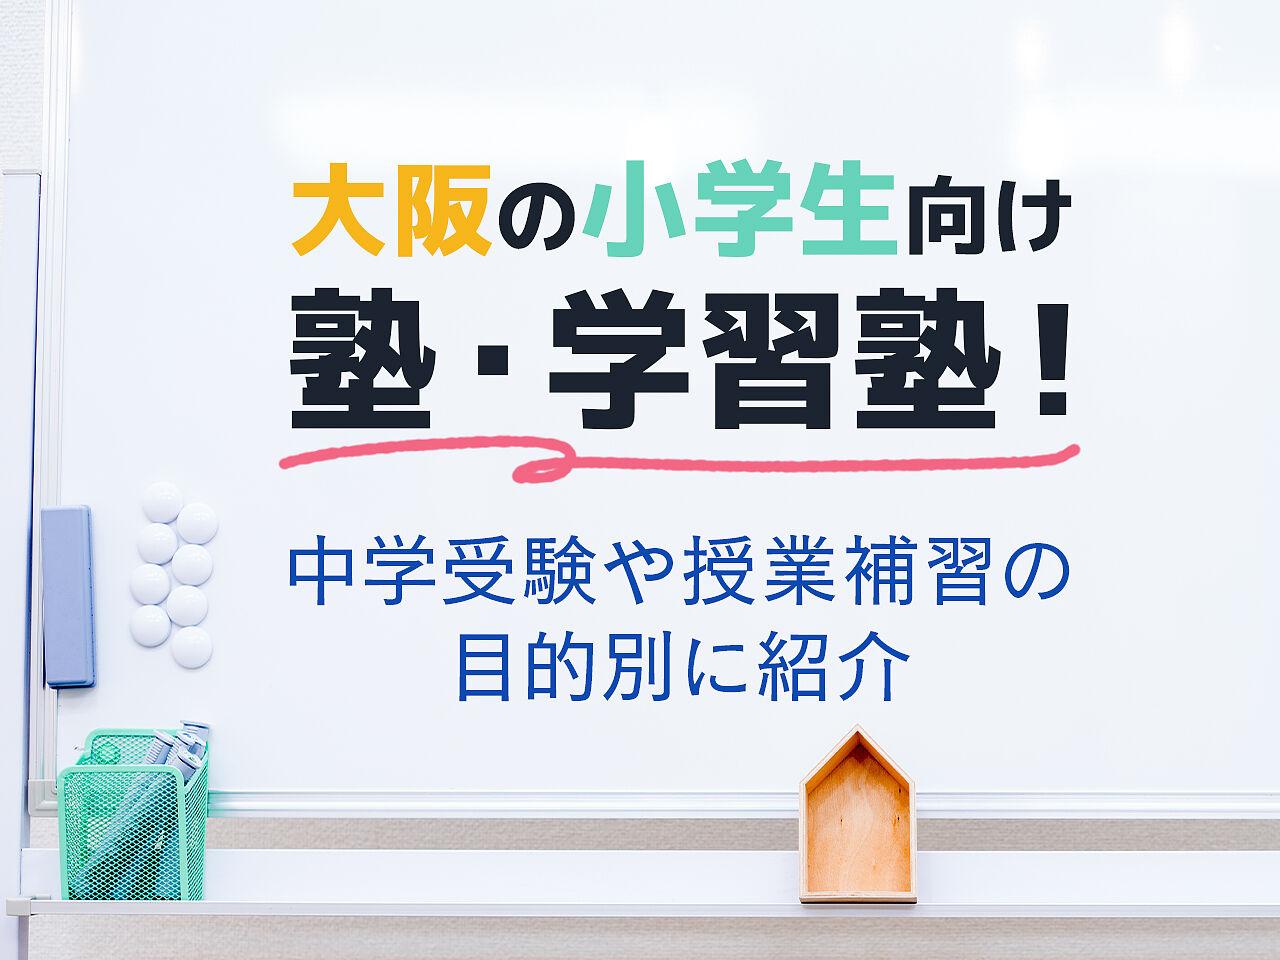 大阪の小学生向け塾・学習塾おすすめ28選!中学受験や授業補習の目的別にご紹介の画像